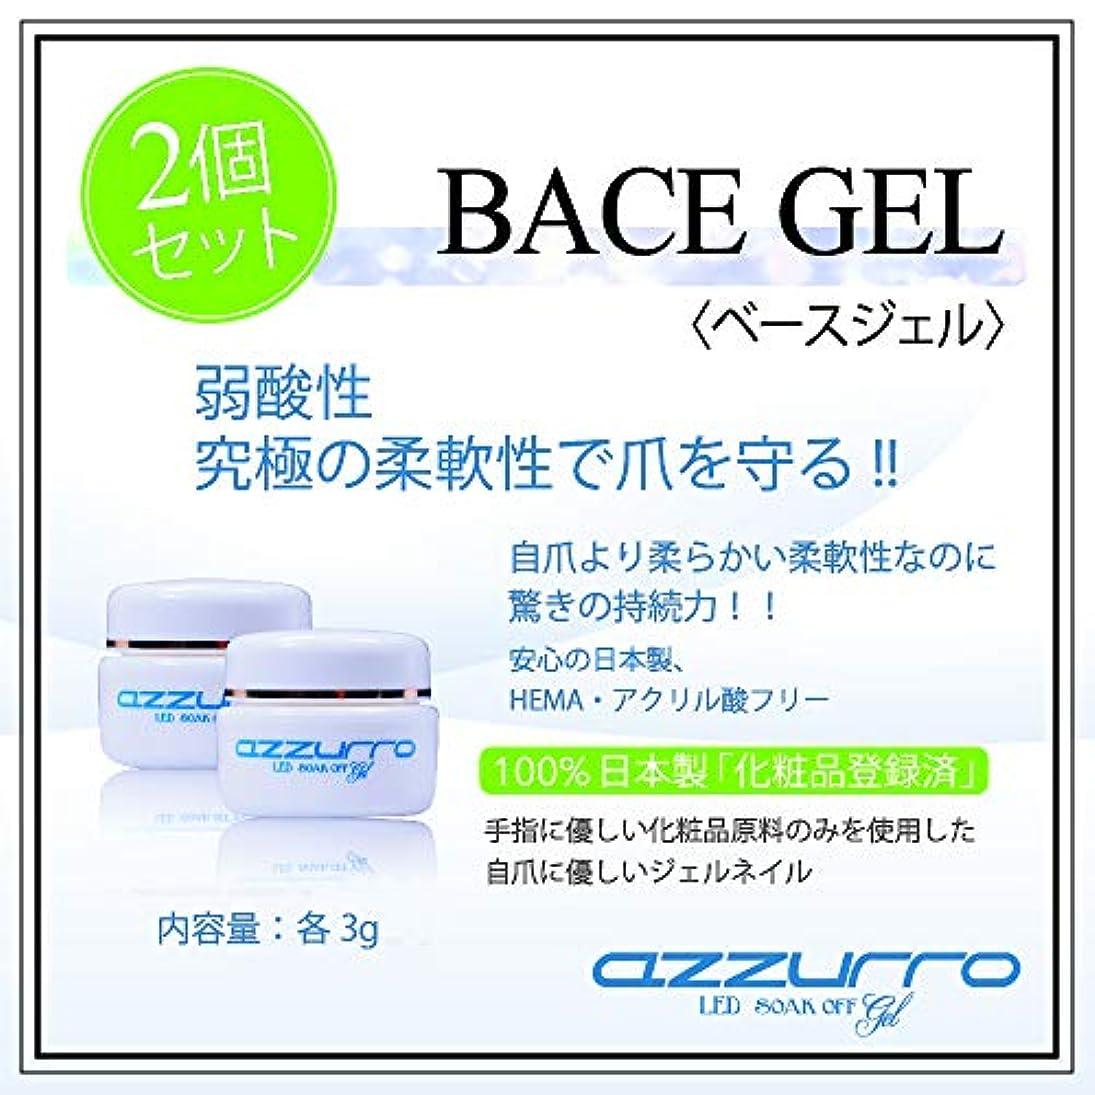 割るターミナルクレアazzurro gel アッズーロベースジェル お得な2個セット 爪に優しい 日本製 驚きの密着力 リムーバーでオフも簡単3g